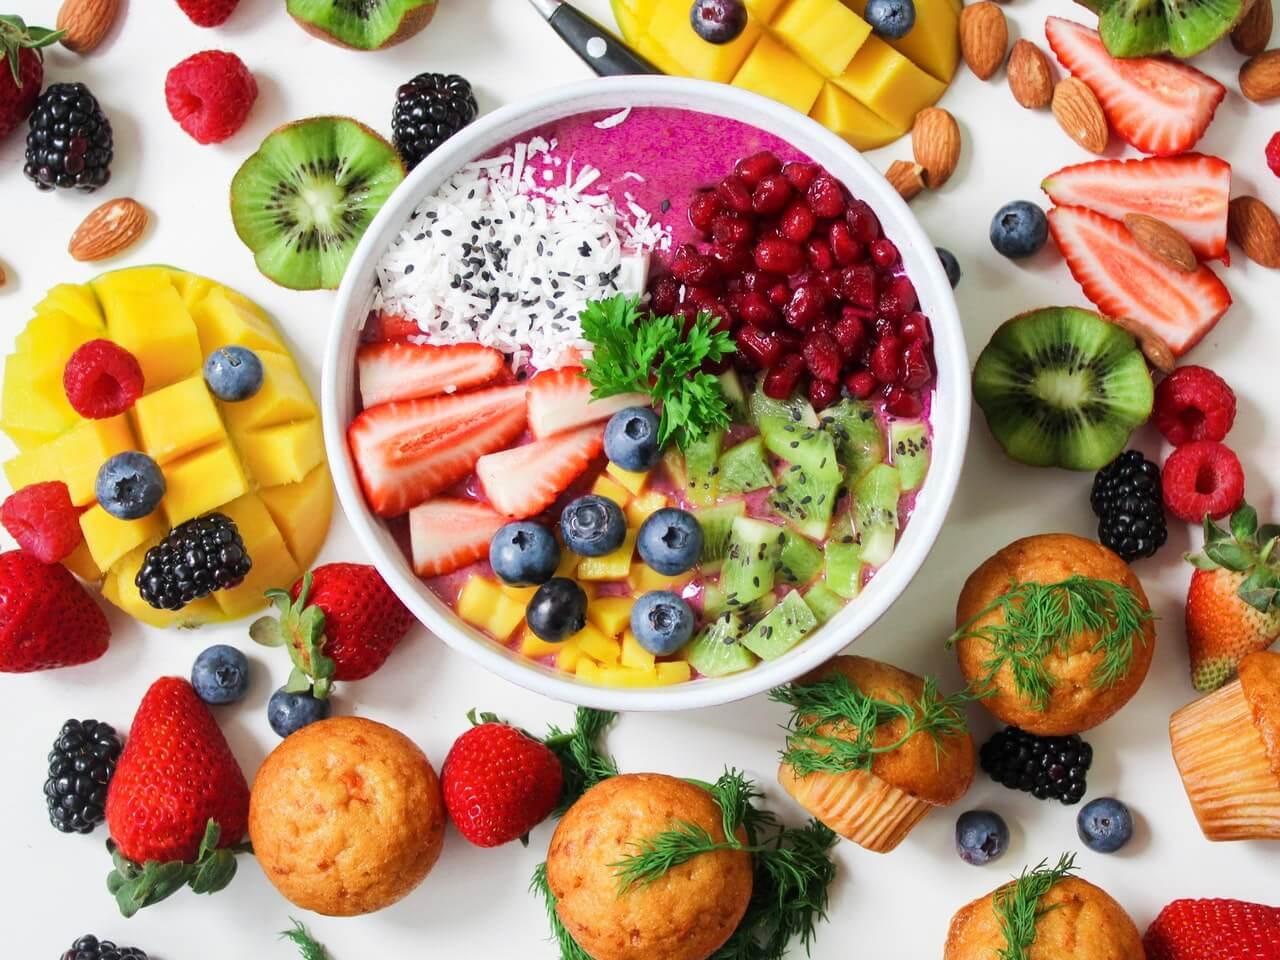 Ensalada mixta de frutas para un brunch.